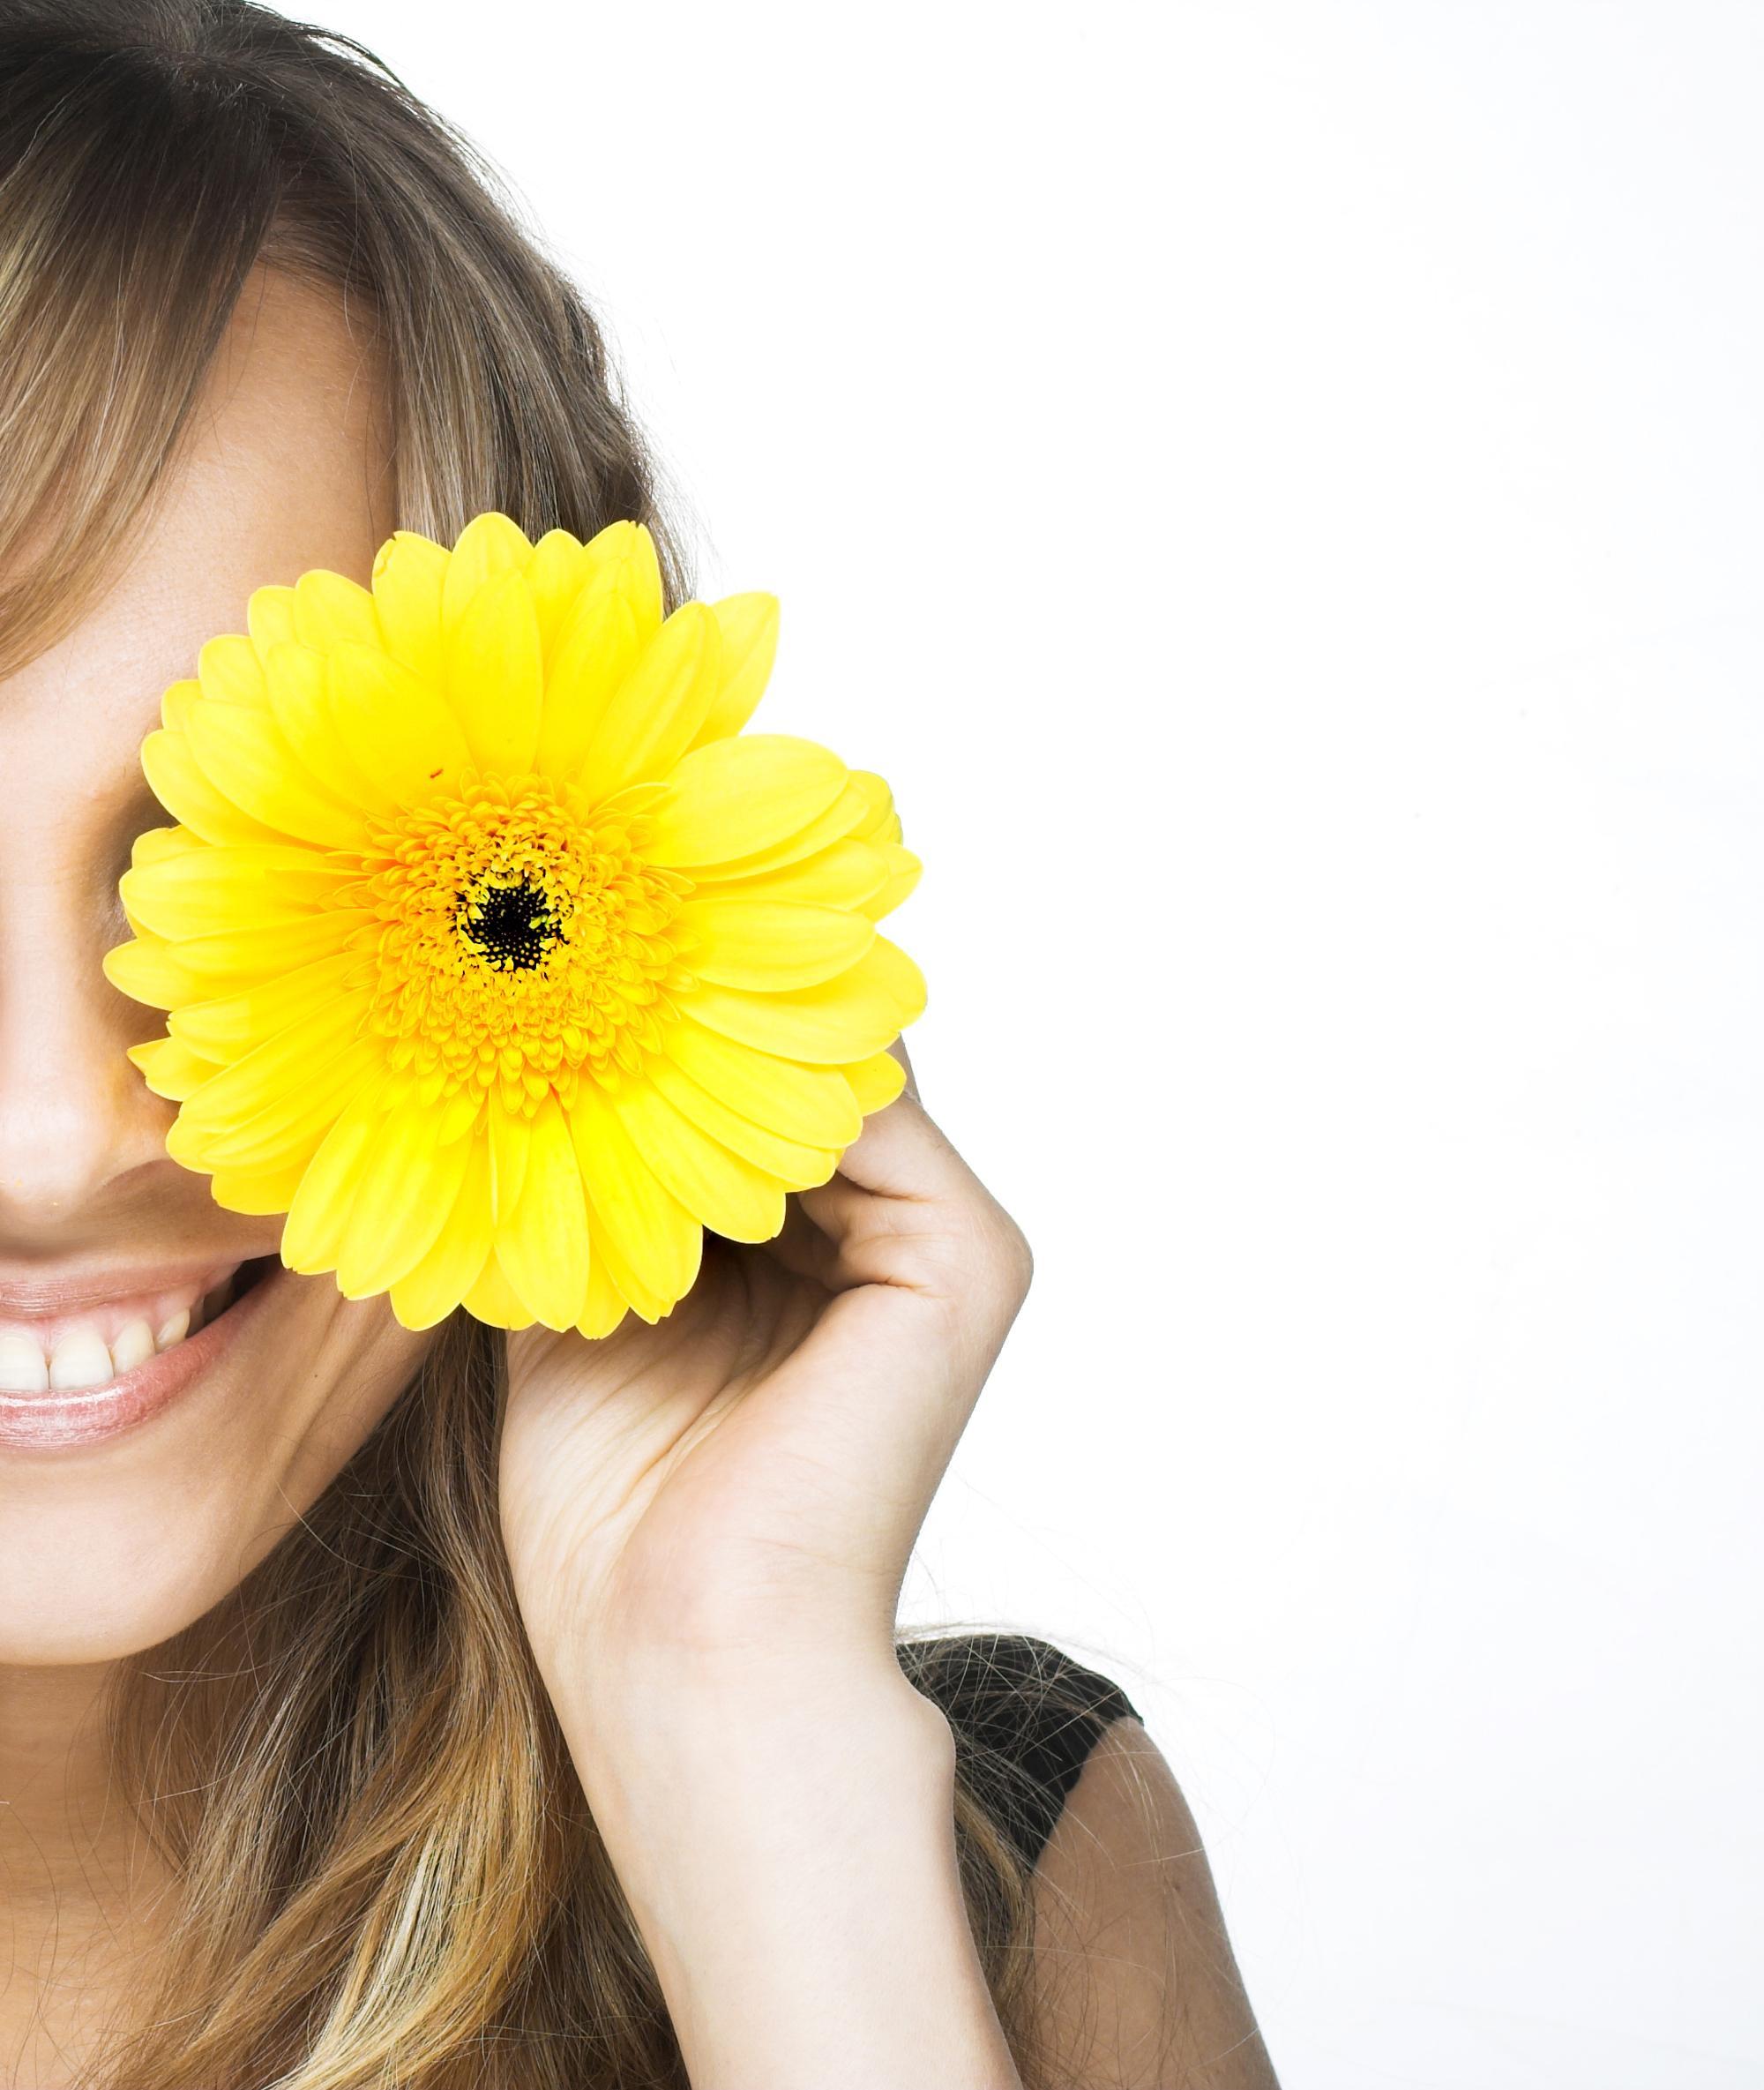 Mujer con camiseta negra tapándose un ojo con una margarita amarilla